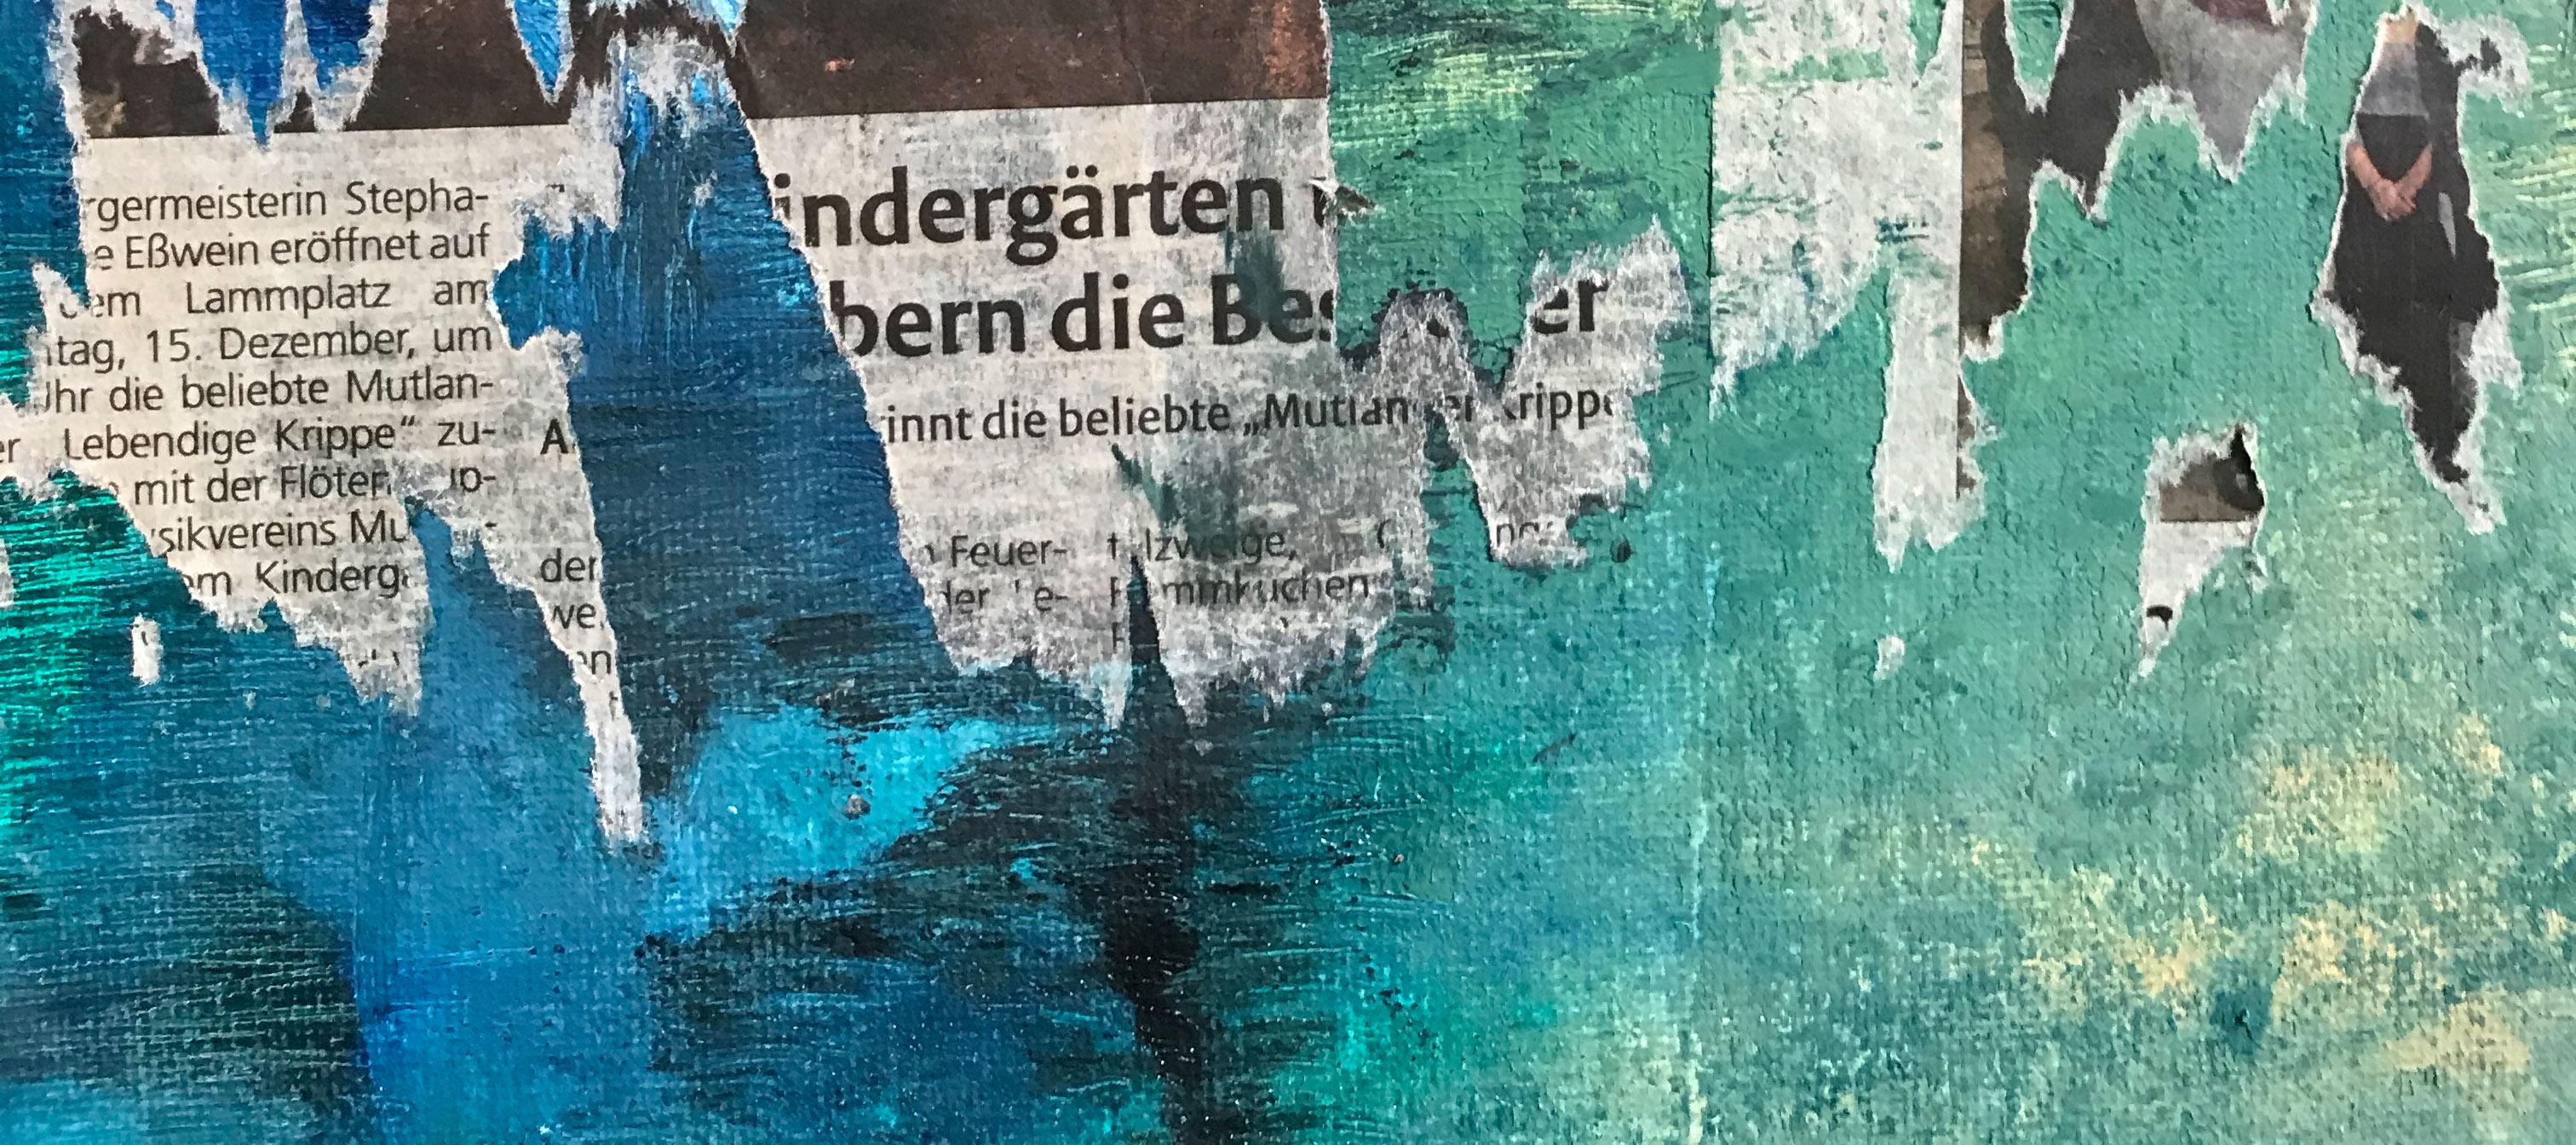 Collage aus Zeitung und türkis grün-blauen angerissenem Papier